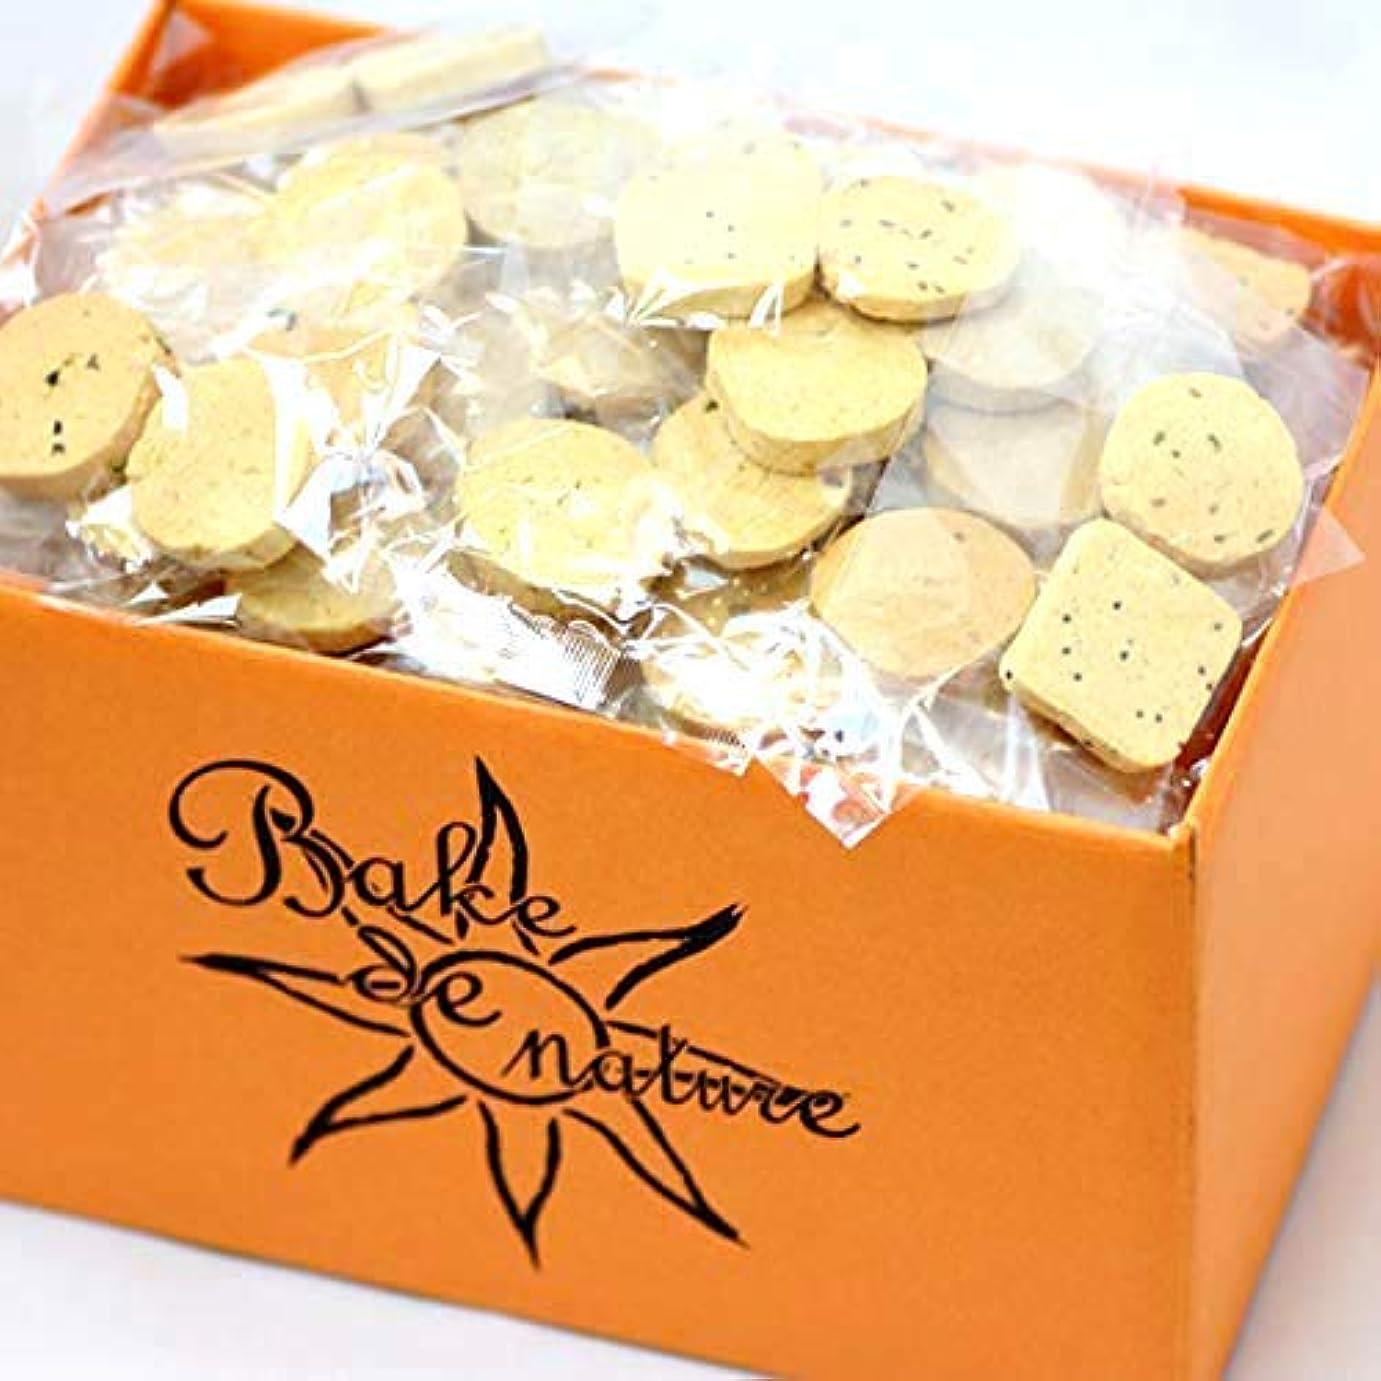 ロイヤリティ相反する抹消スーパーフード豆乳おからクッキー (10種類MIX) 1袋 1kg (個包装) 小麦粉不使用のダイエットクッキー